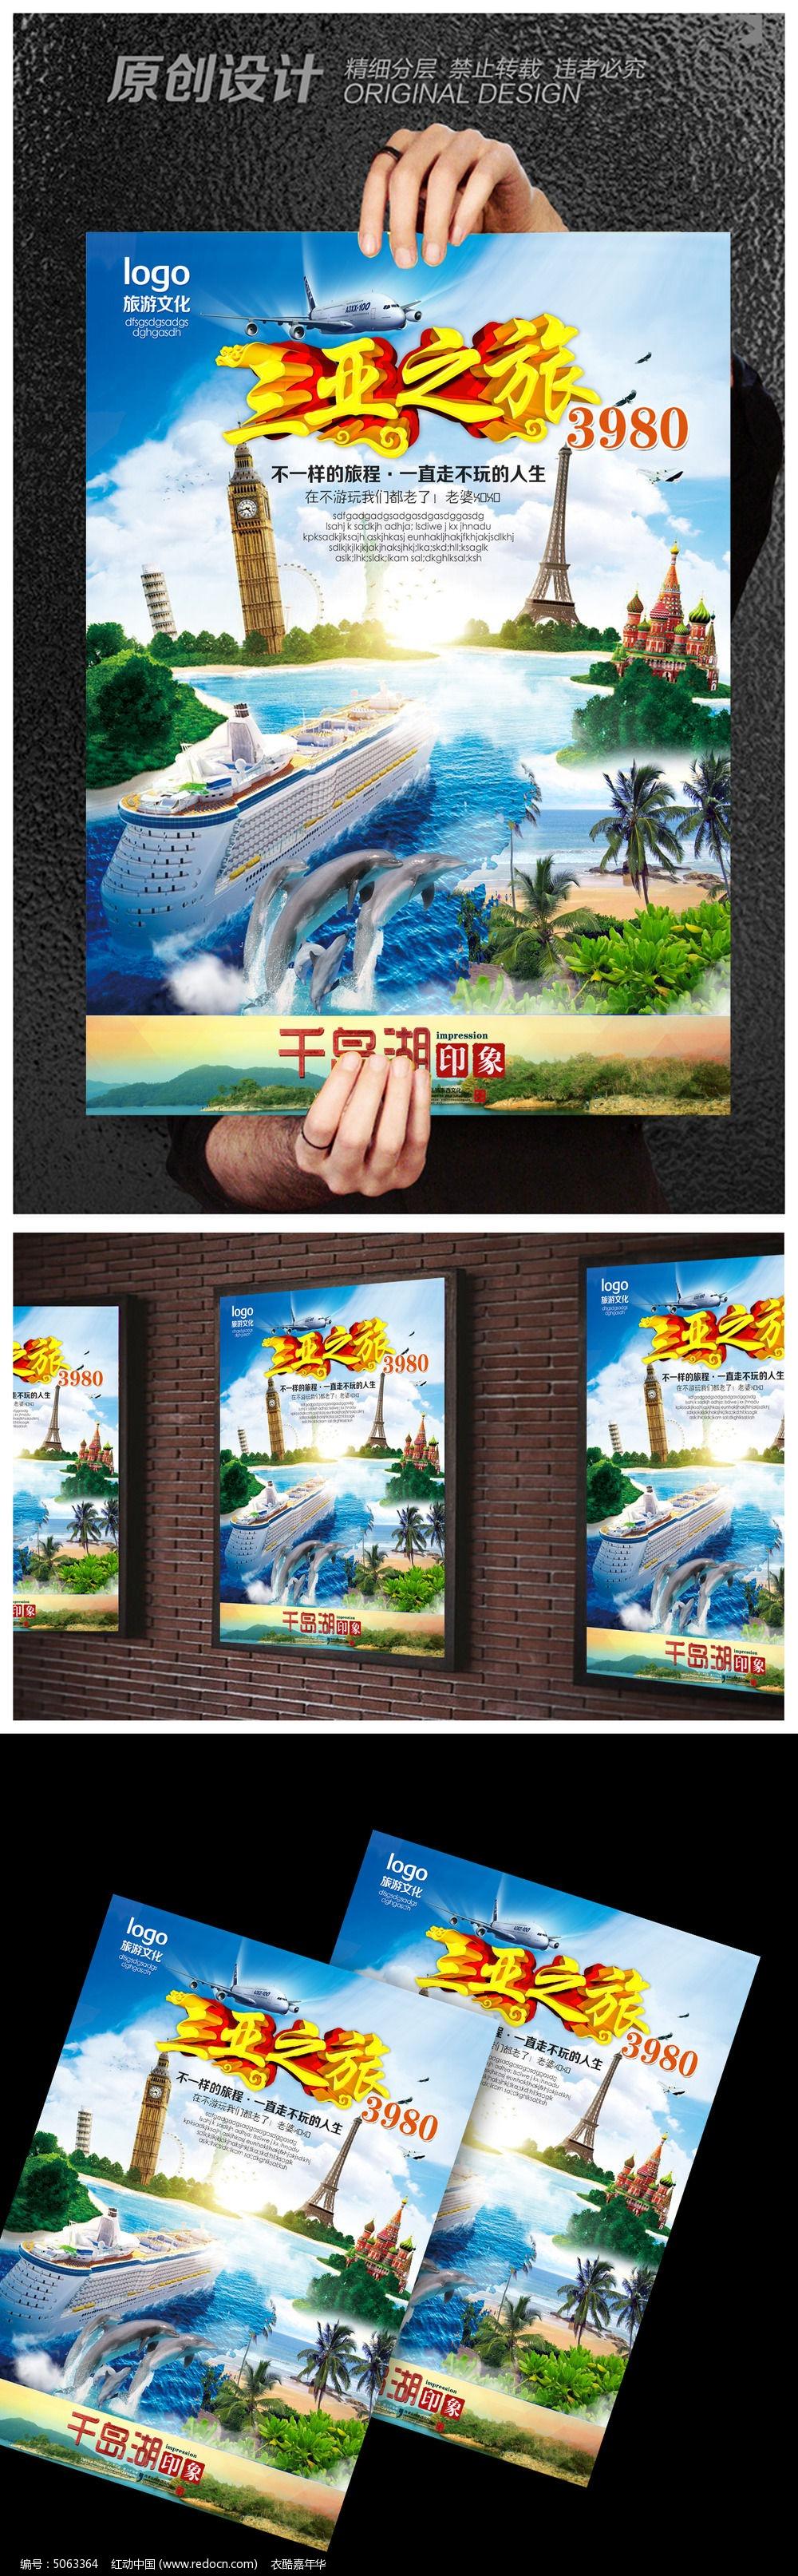 三亚旅游产品宣传海报设计图片图片